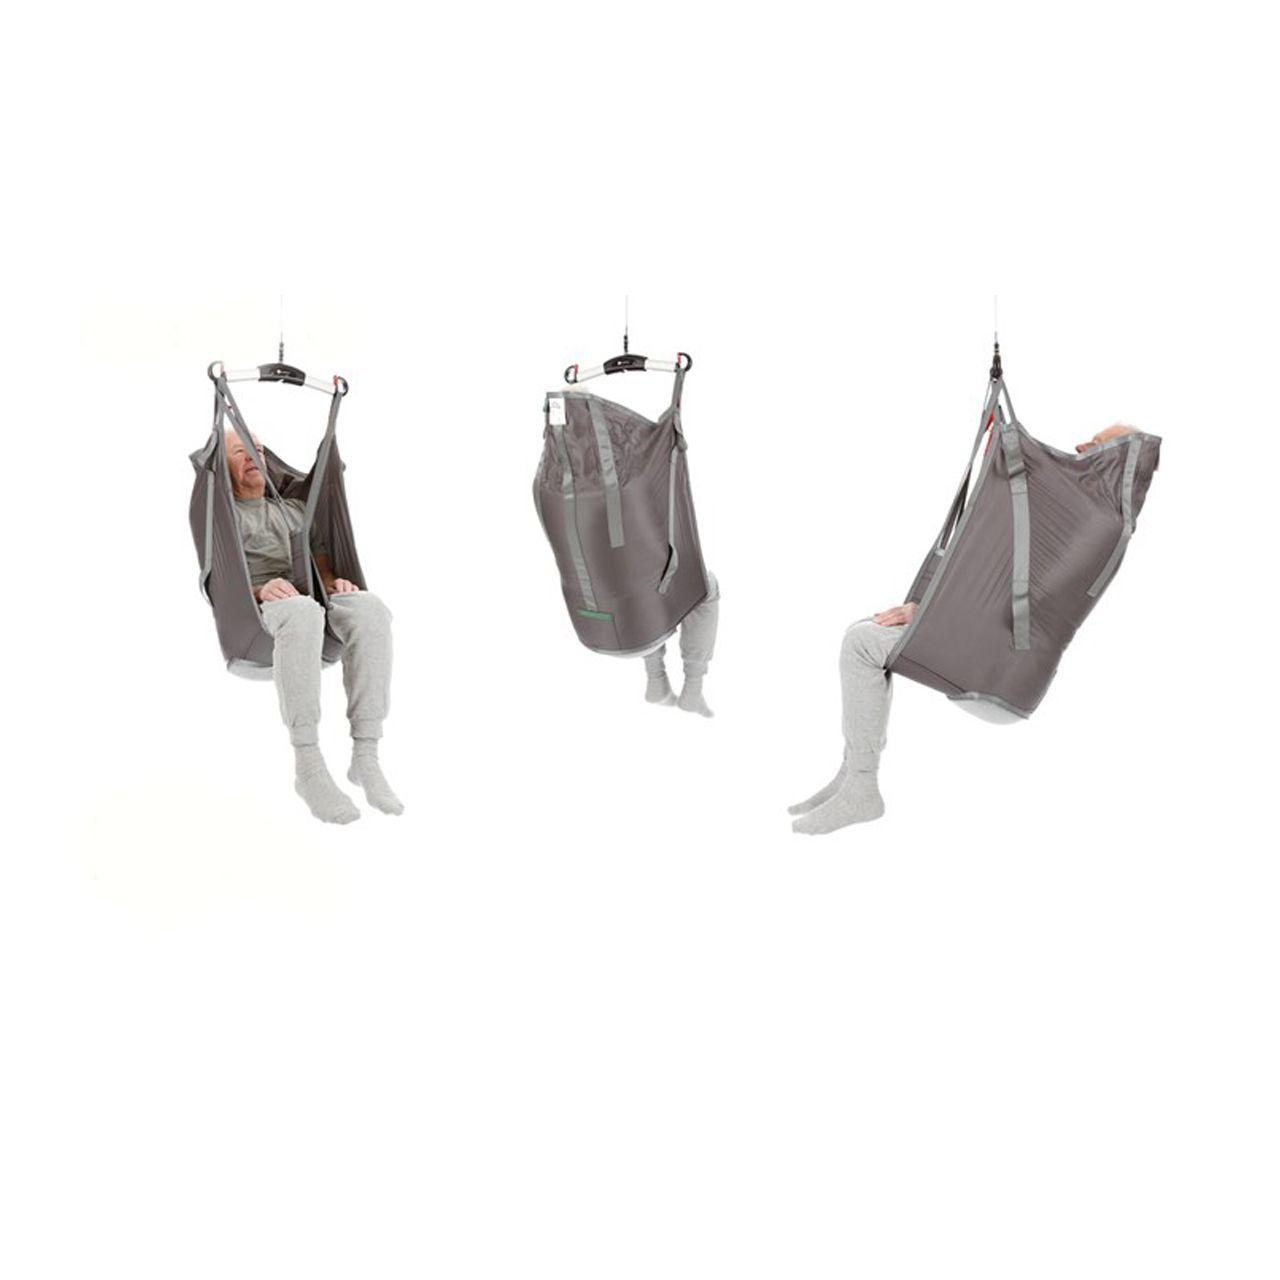 High-back-sling-tilbanden-tillen-artnrnnb_0003s_0002_trio